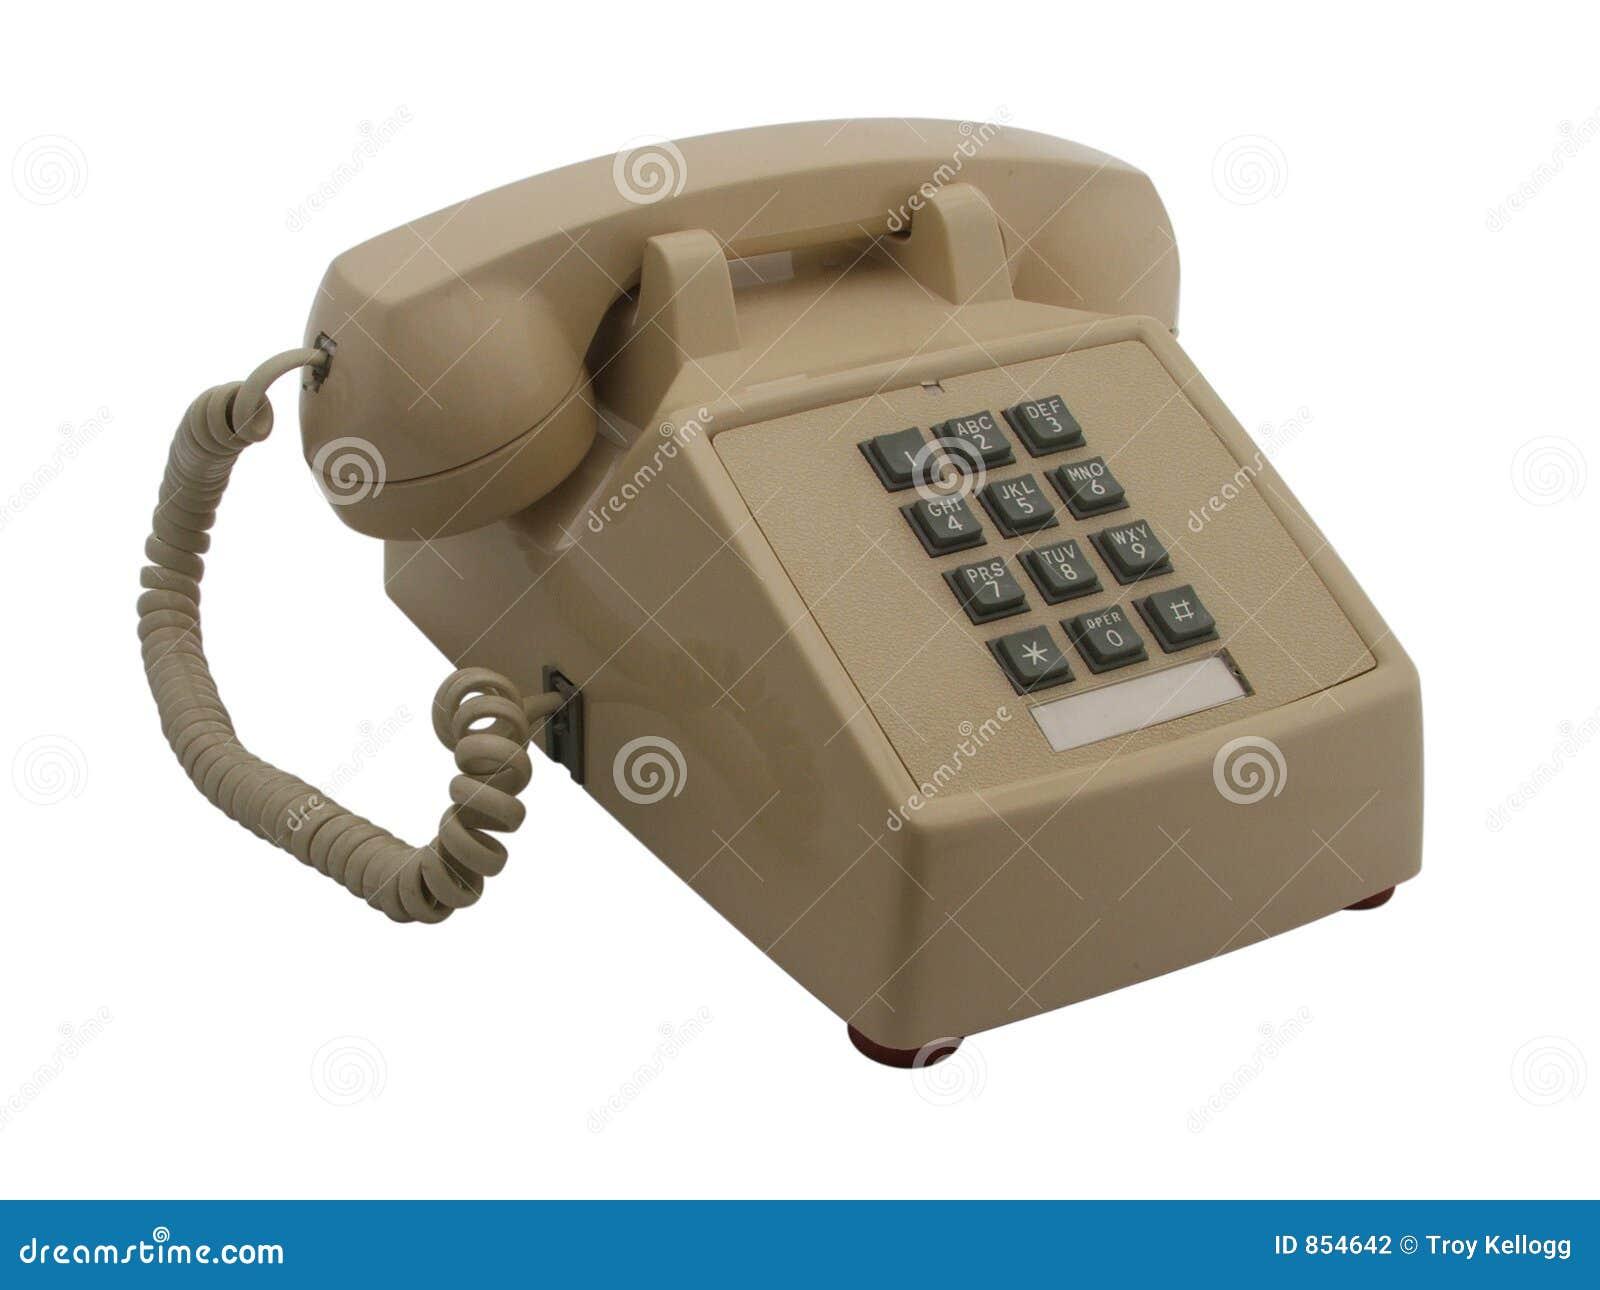 Teen en el telefono publico